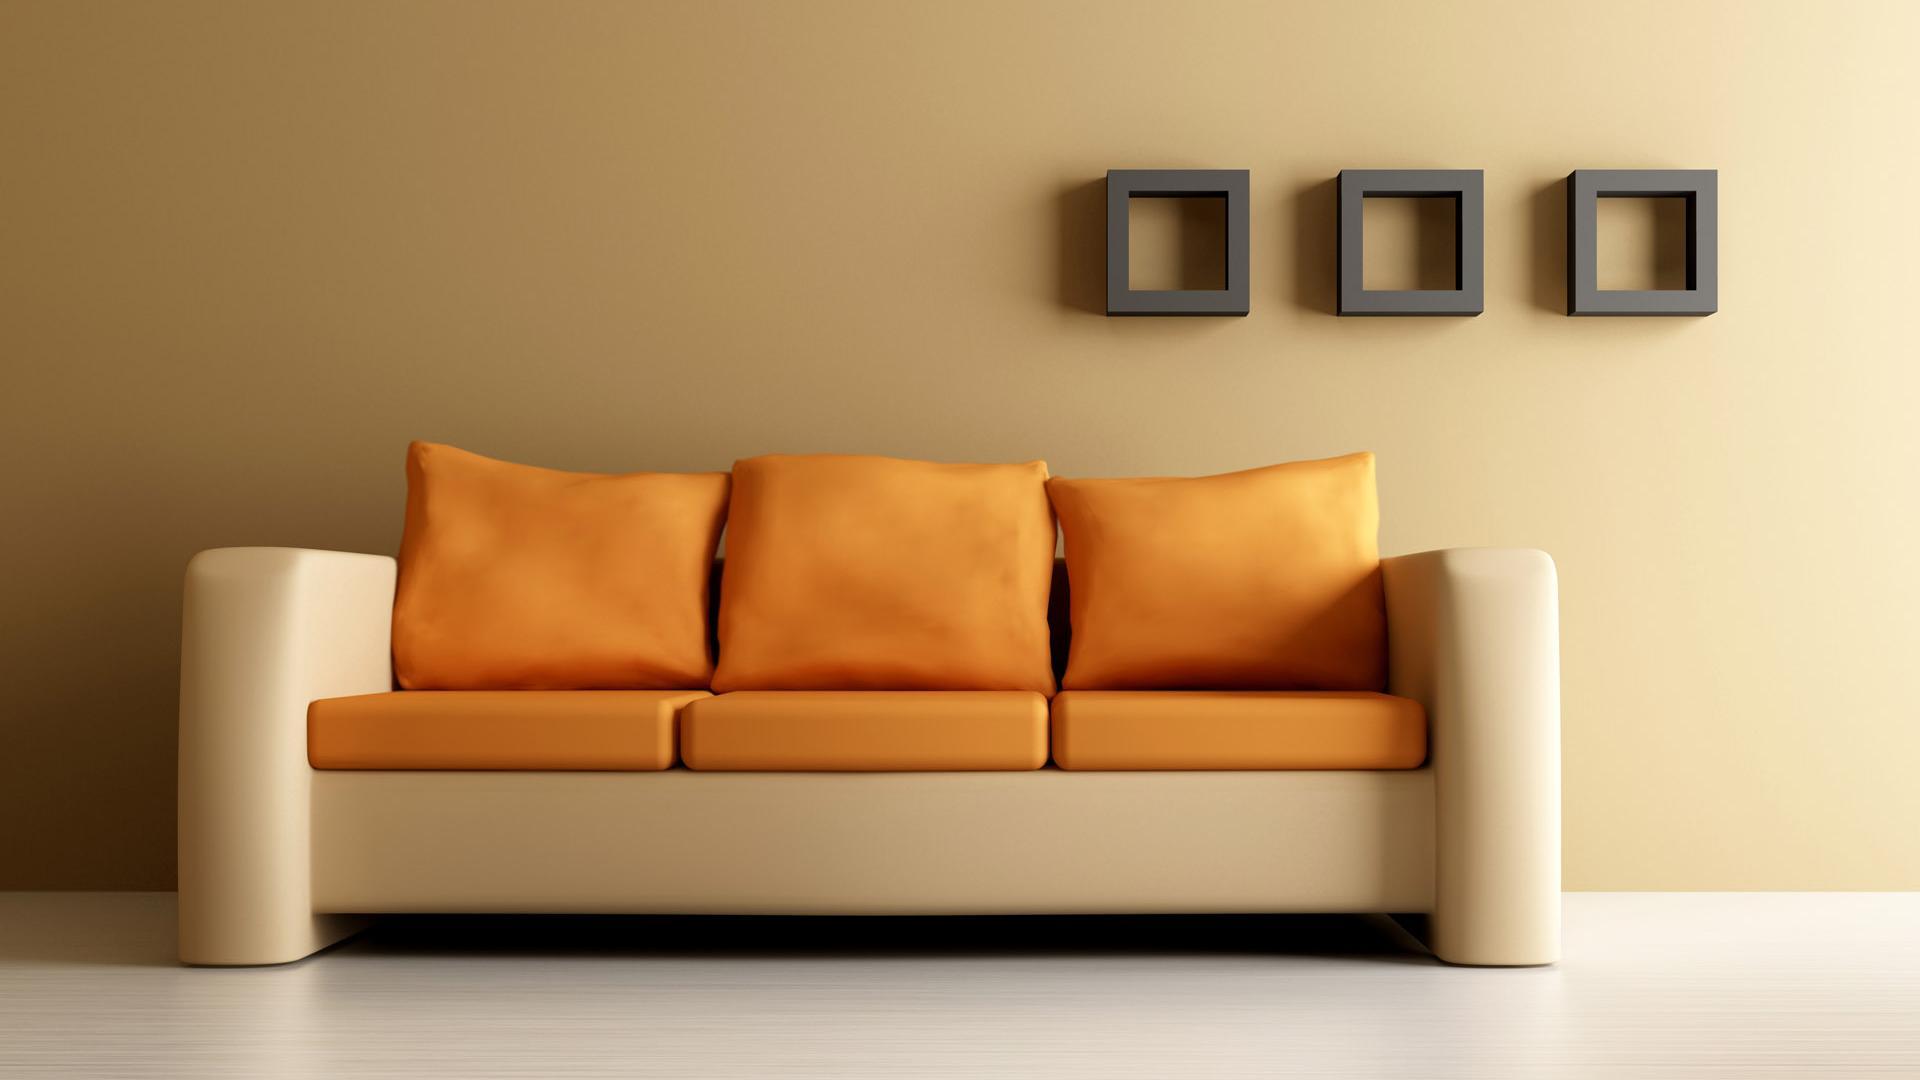 chair-for-living-room-HmJo - Design On Vine